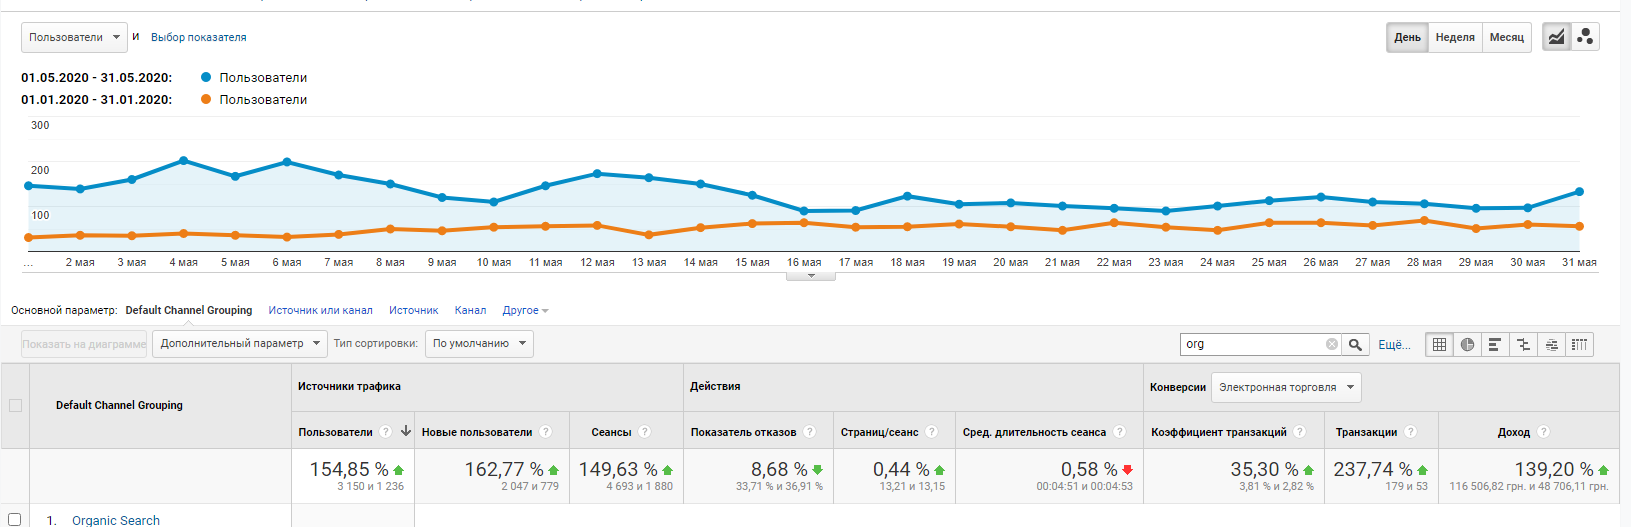 nsk2 Кейс по продвижению и оптимизации сайта. Тематика: оптовые продажи чулочно-носочных изделий